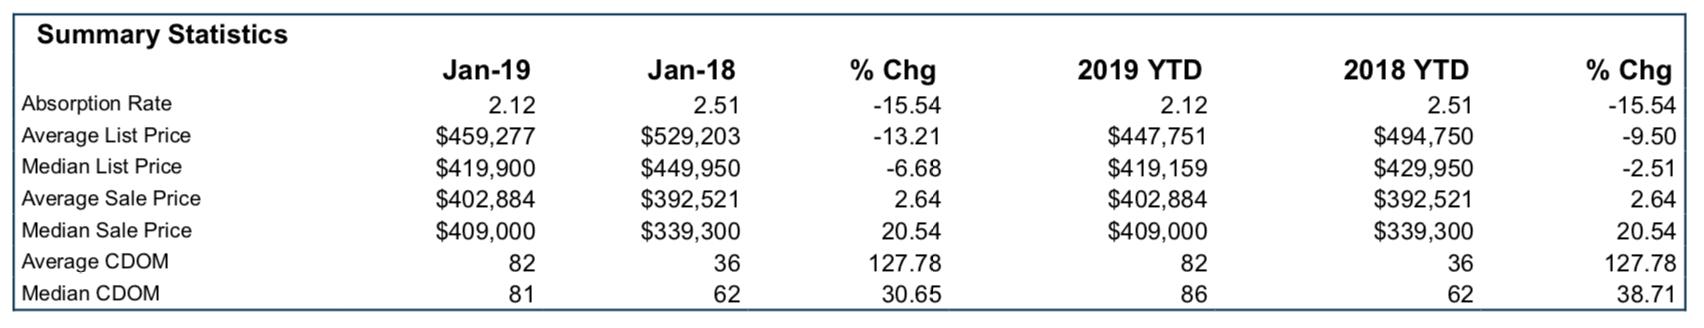 84765 market summary january 2019